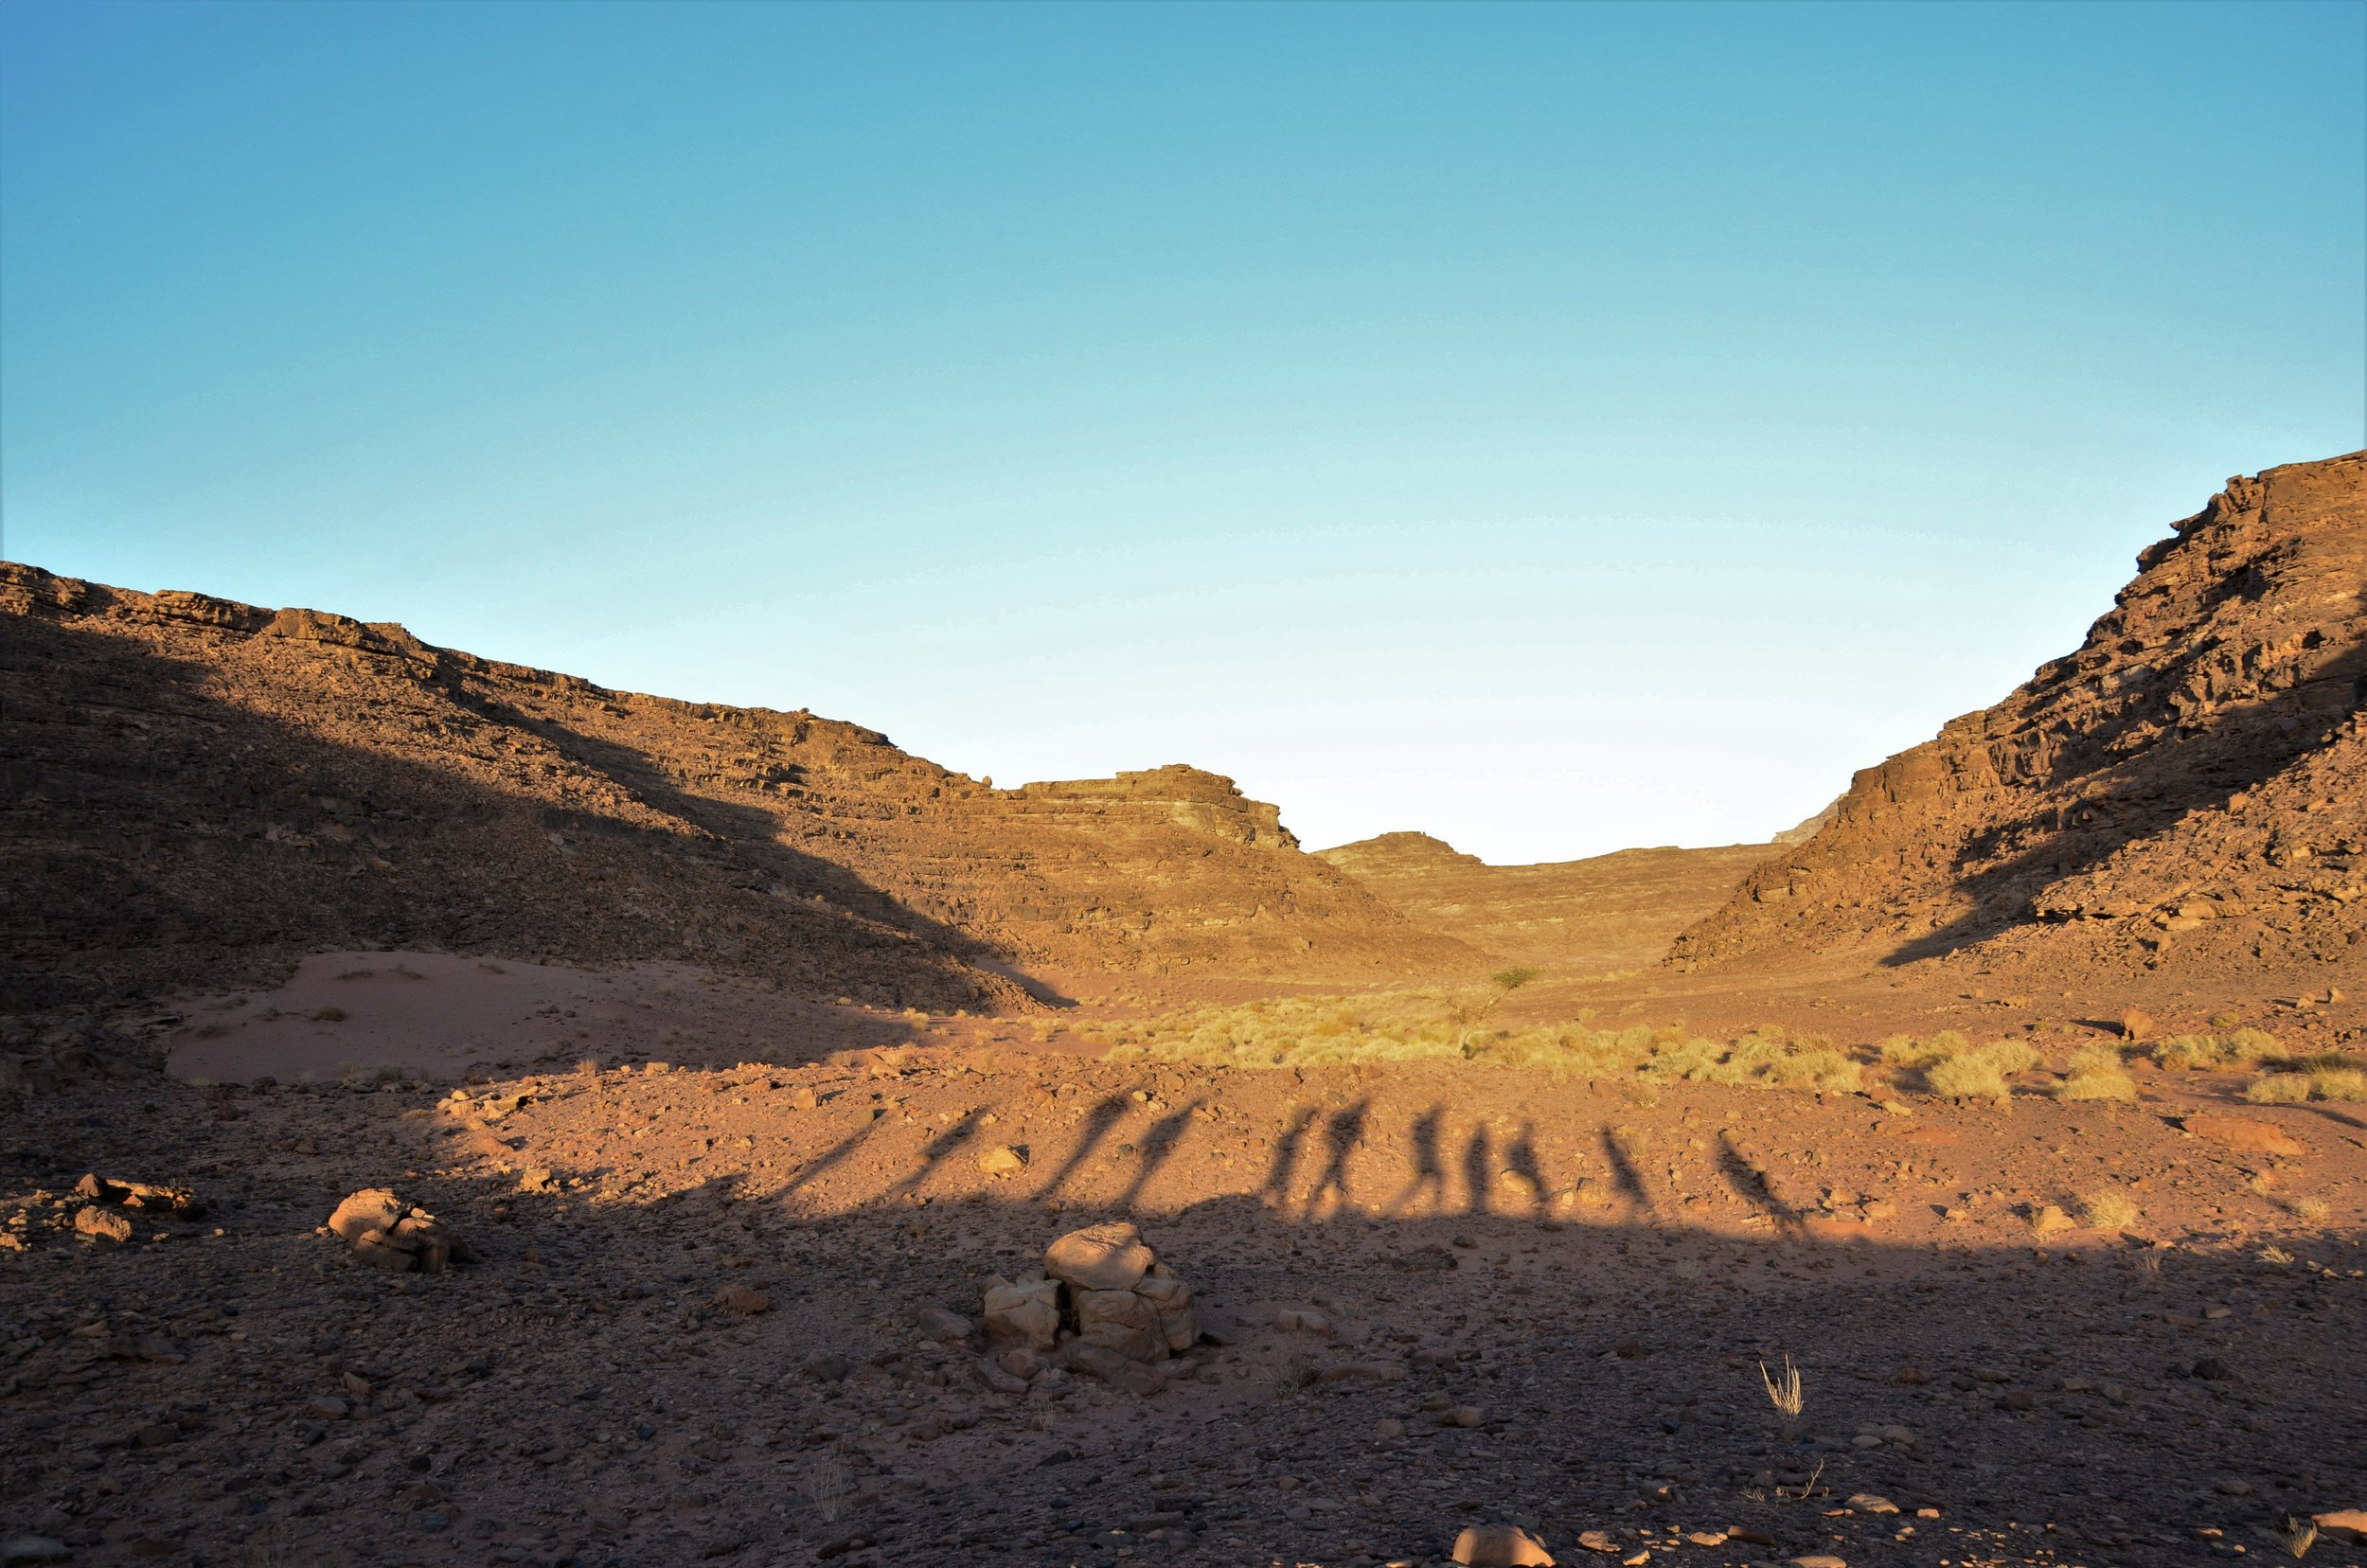 """Sinaï: sur les pas des bédouins - Sinai Trail, ou Darb Sina en arabe, c'est le nom """"meilleure"""" randonnée du monde selon BGTW et la plus longue d'Égypte. 550km au sud de la péninsule du Sinaï, entièrement tracée et organisée par 8 tribus bédouines. Reportage pour l'émission """"Carnets du monde"""", radio Europe 1."""